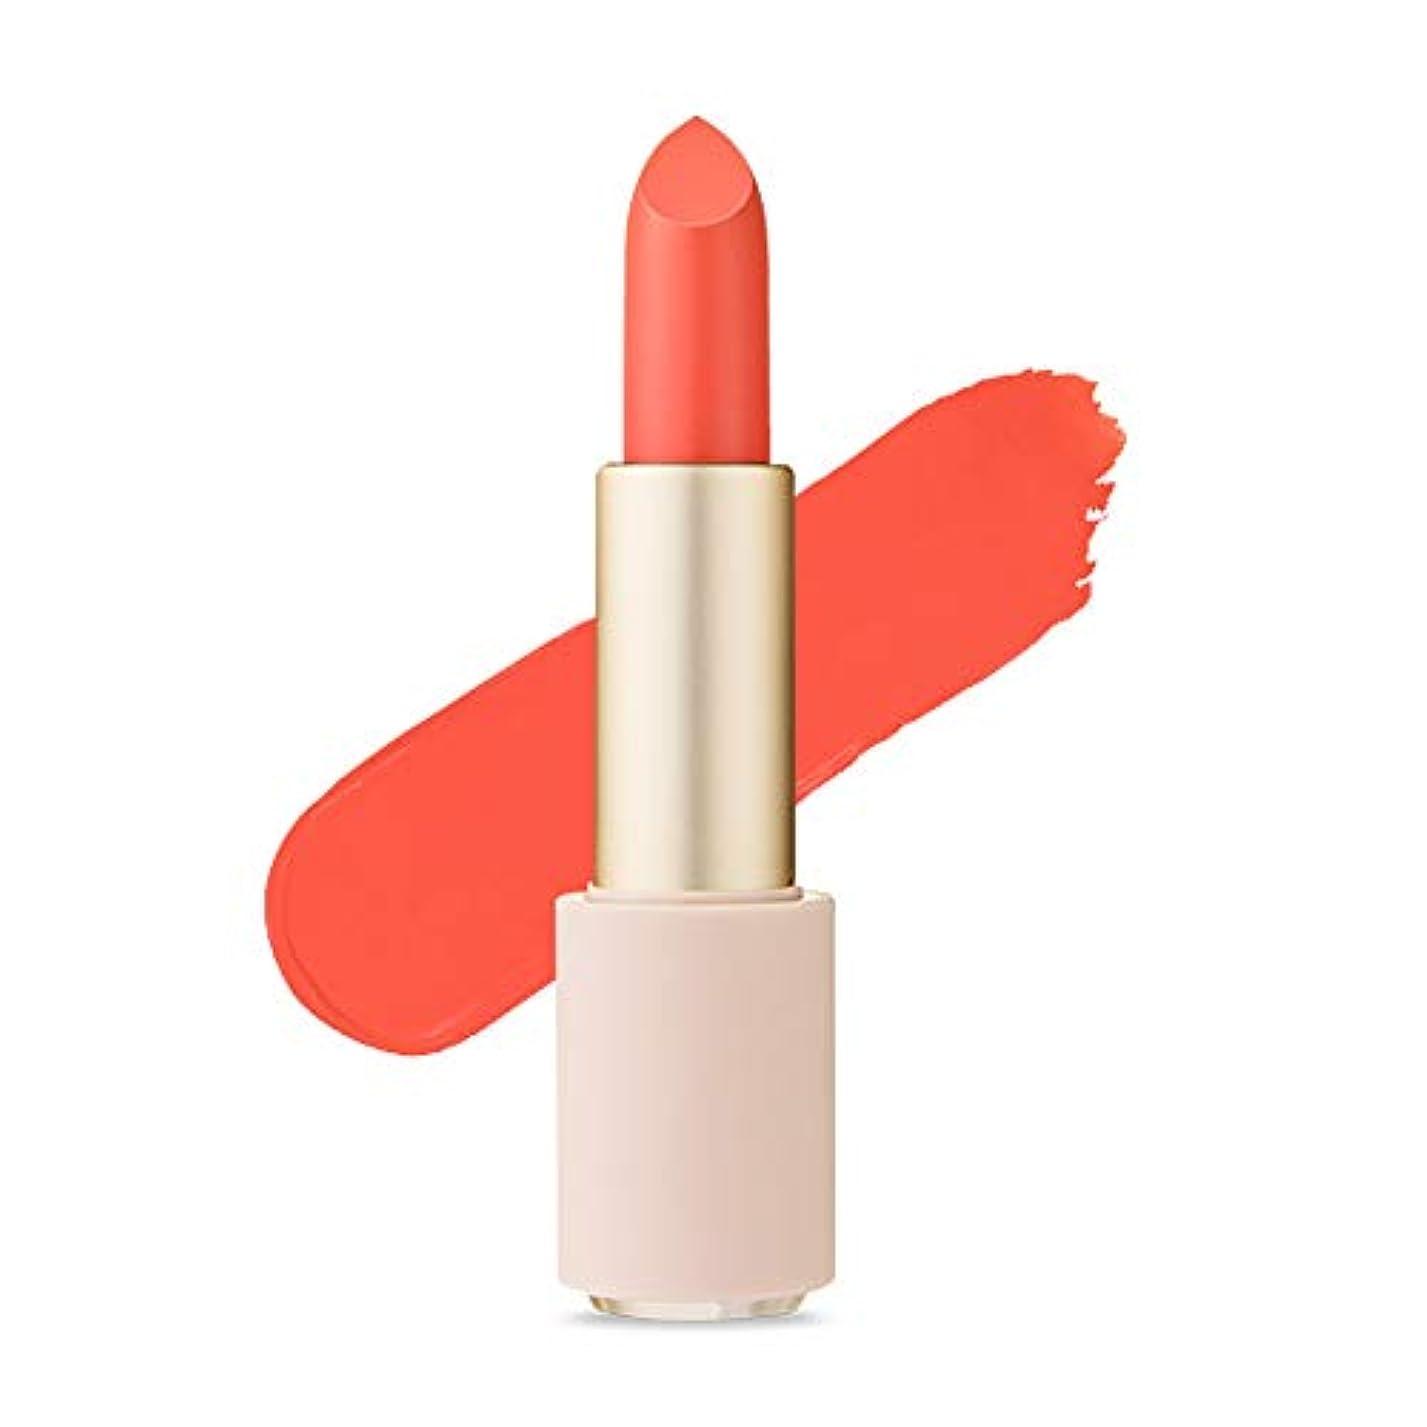 カジュアルスキニー材料Etude House Better Lips Talk Velvet エチュードハウス ベター リップス - トーク ベルベット (# OR202 Mandarin Peach) [並行輸入品]